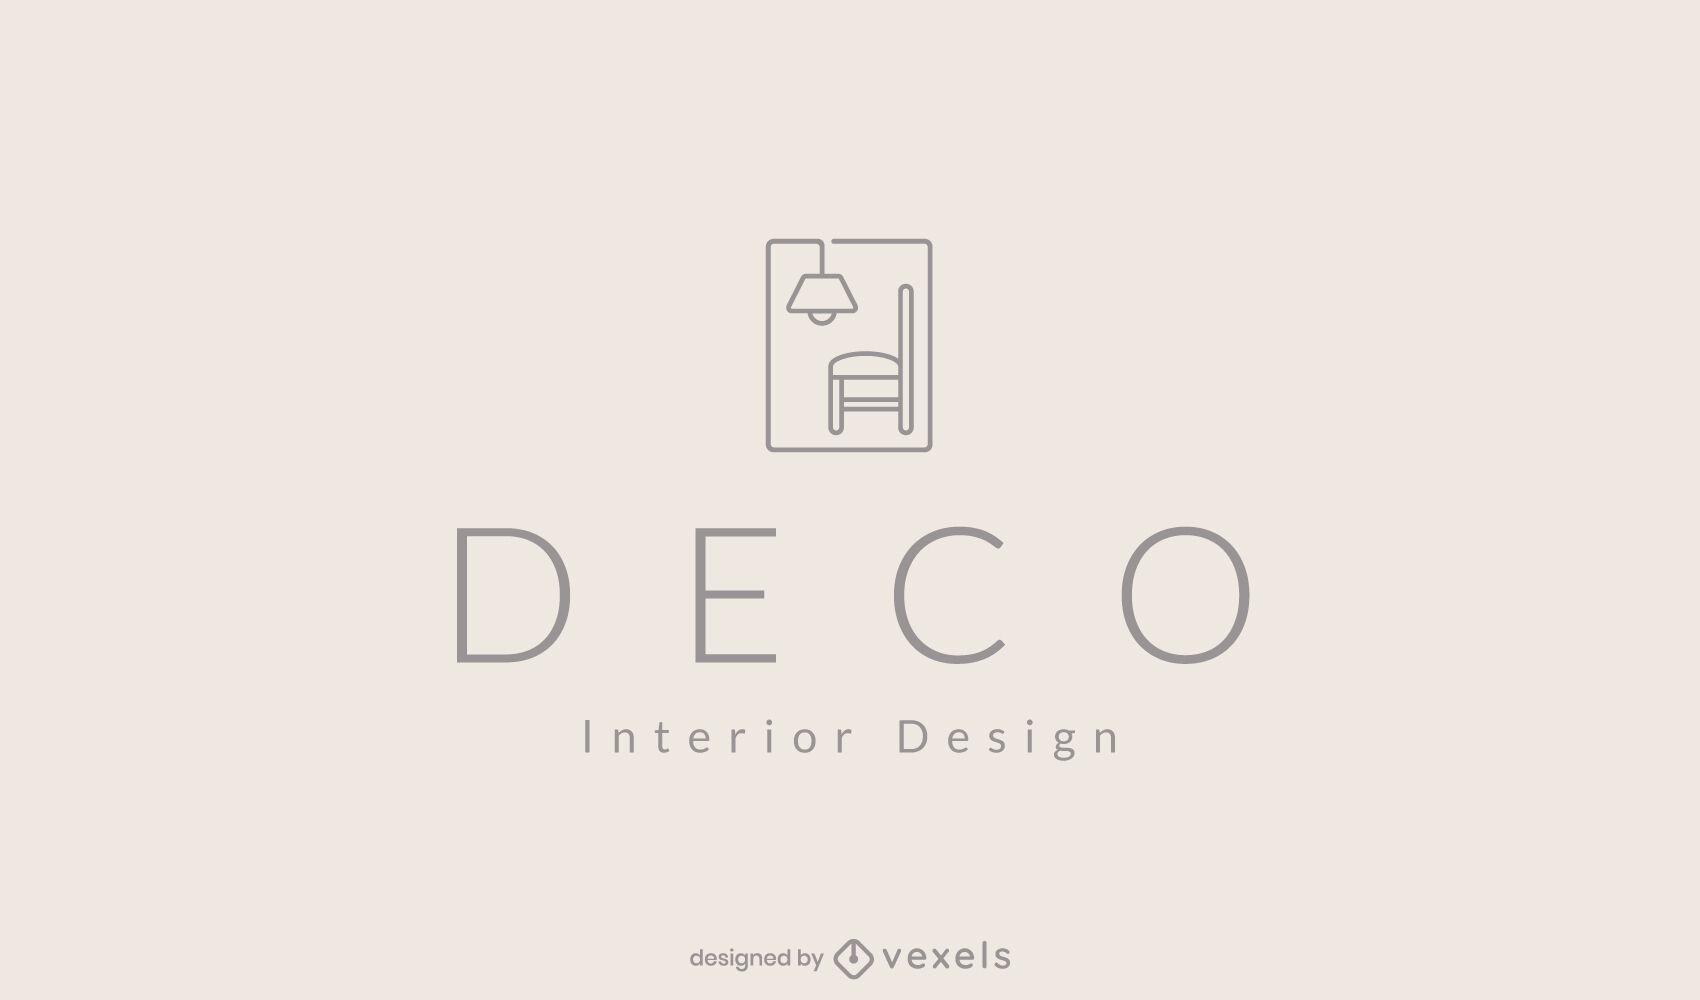 Plantilla minimalista de logotipo de decoraci?n del hogar de silla y l?mpara